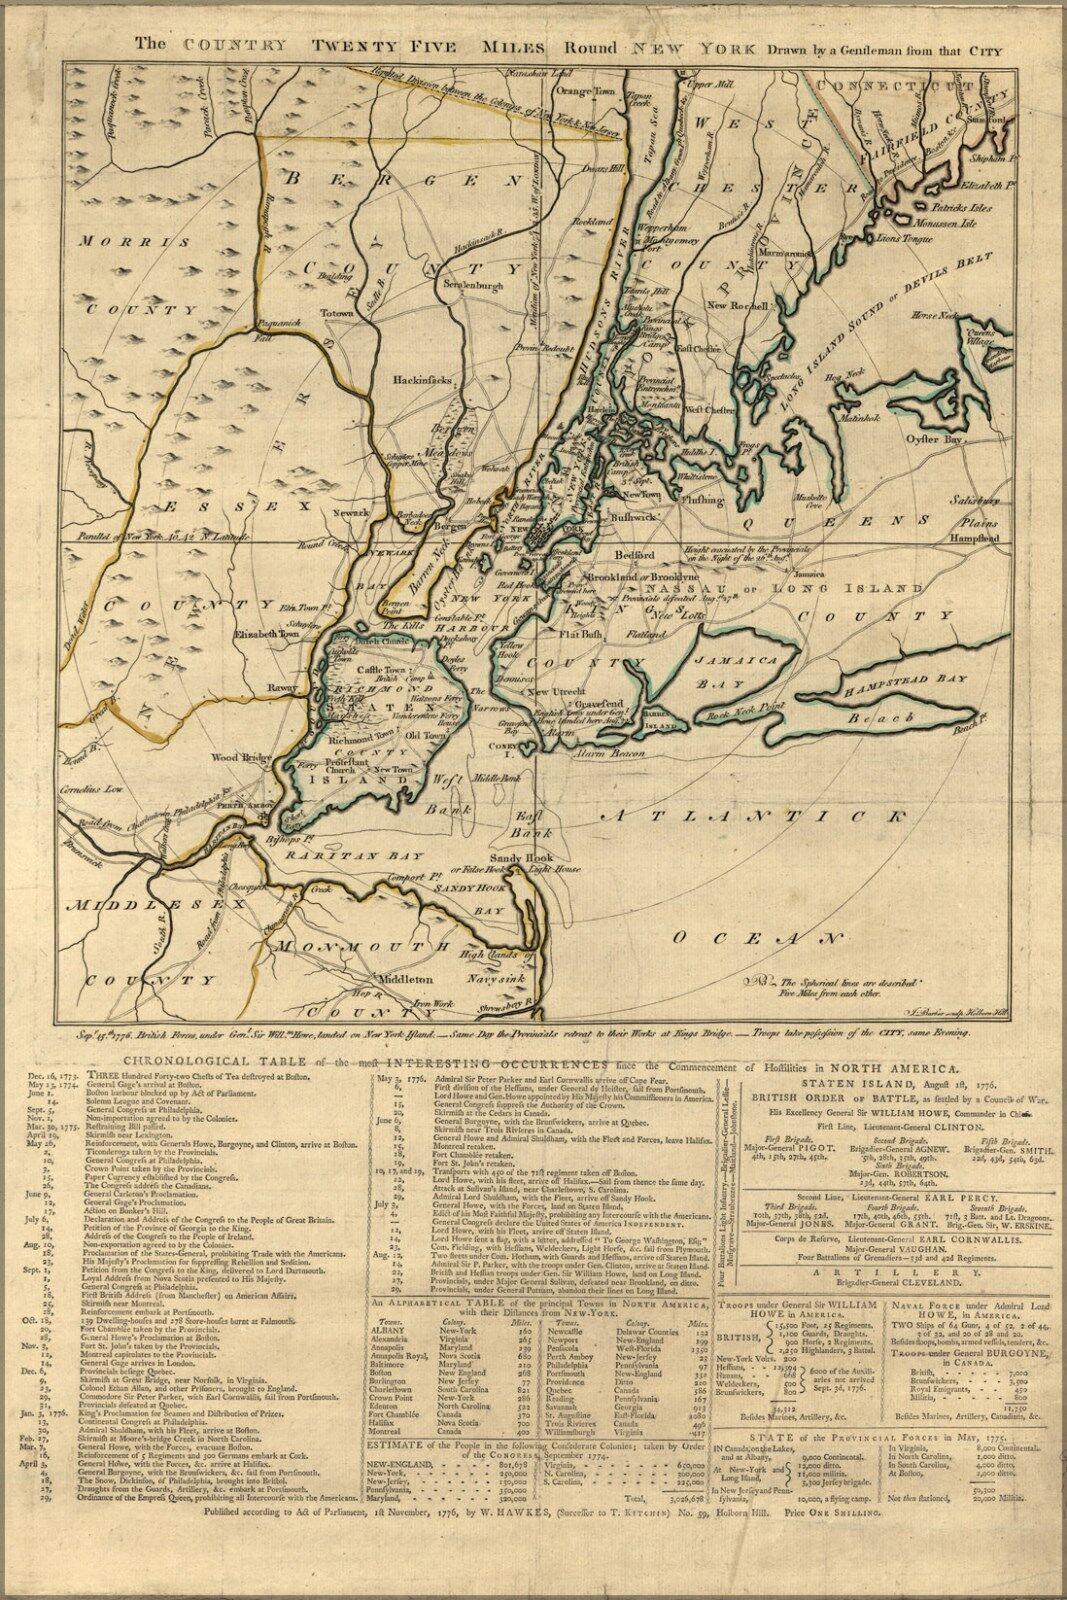 Plakat, Viele Größen; Karte von Fünfundzwanzig Meilen Rund New York City 1776